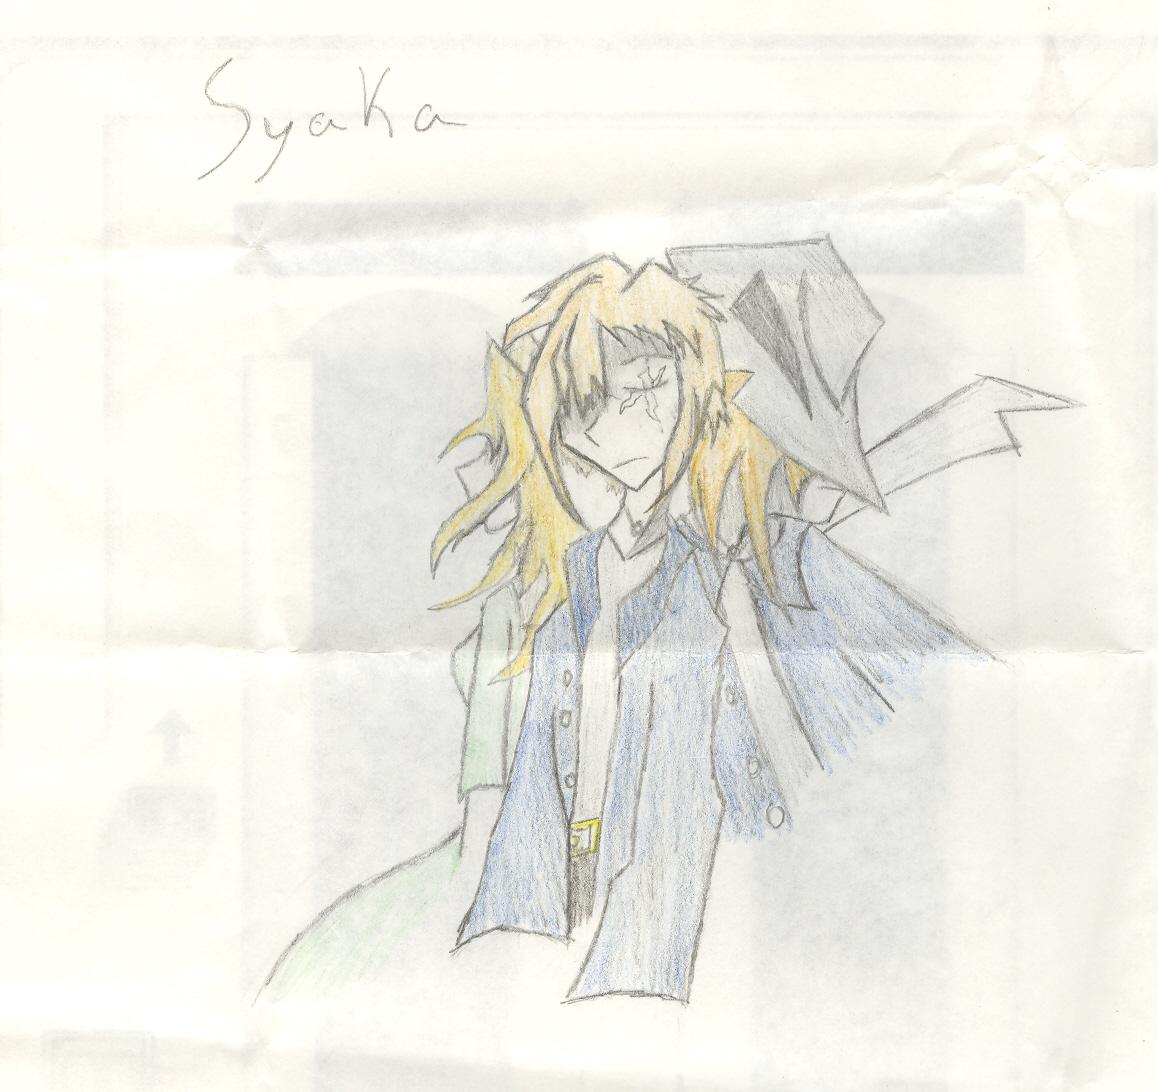 Syaka by CaptainDreamer